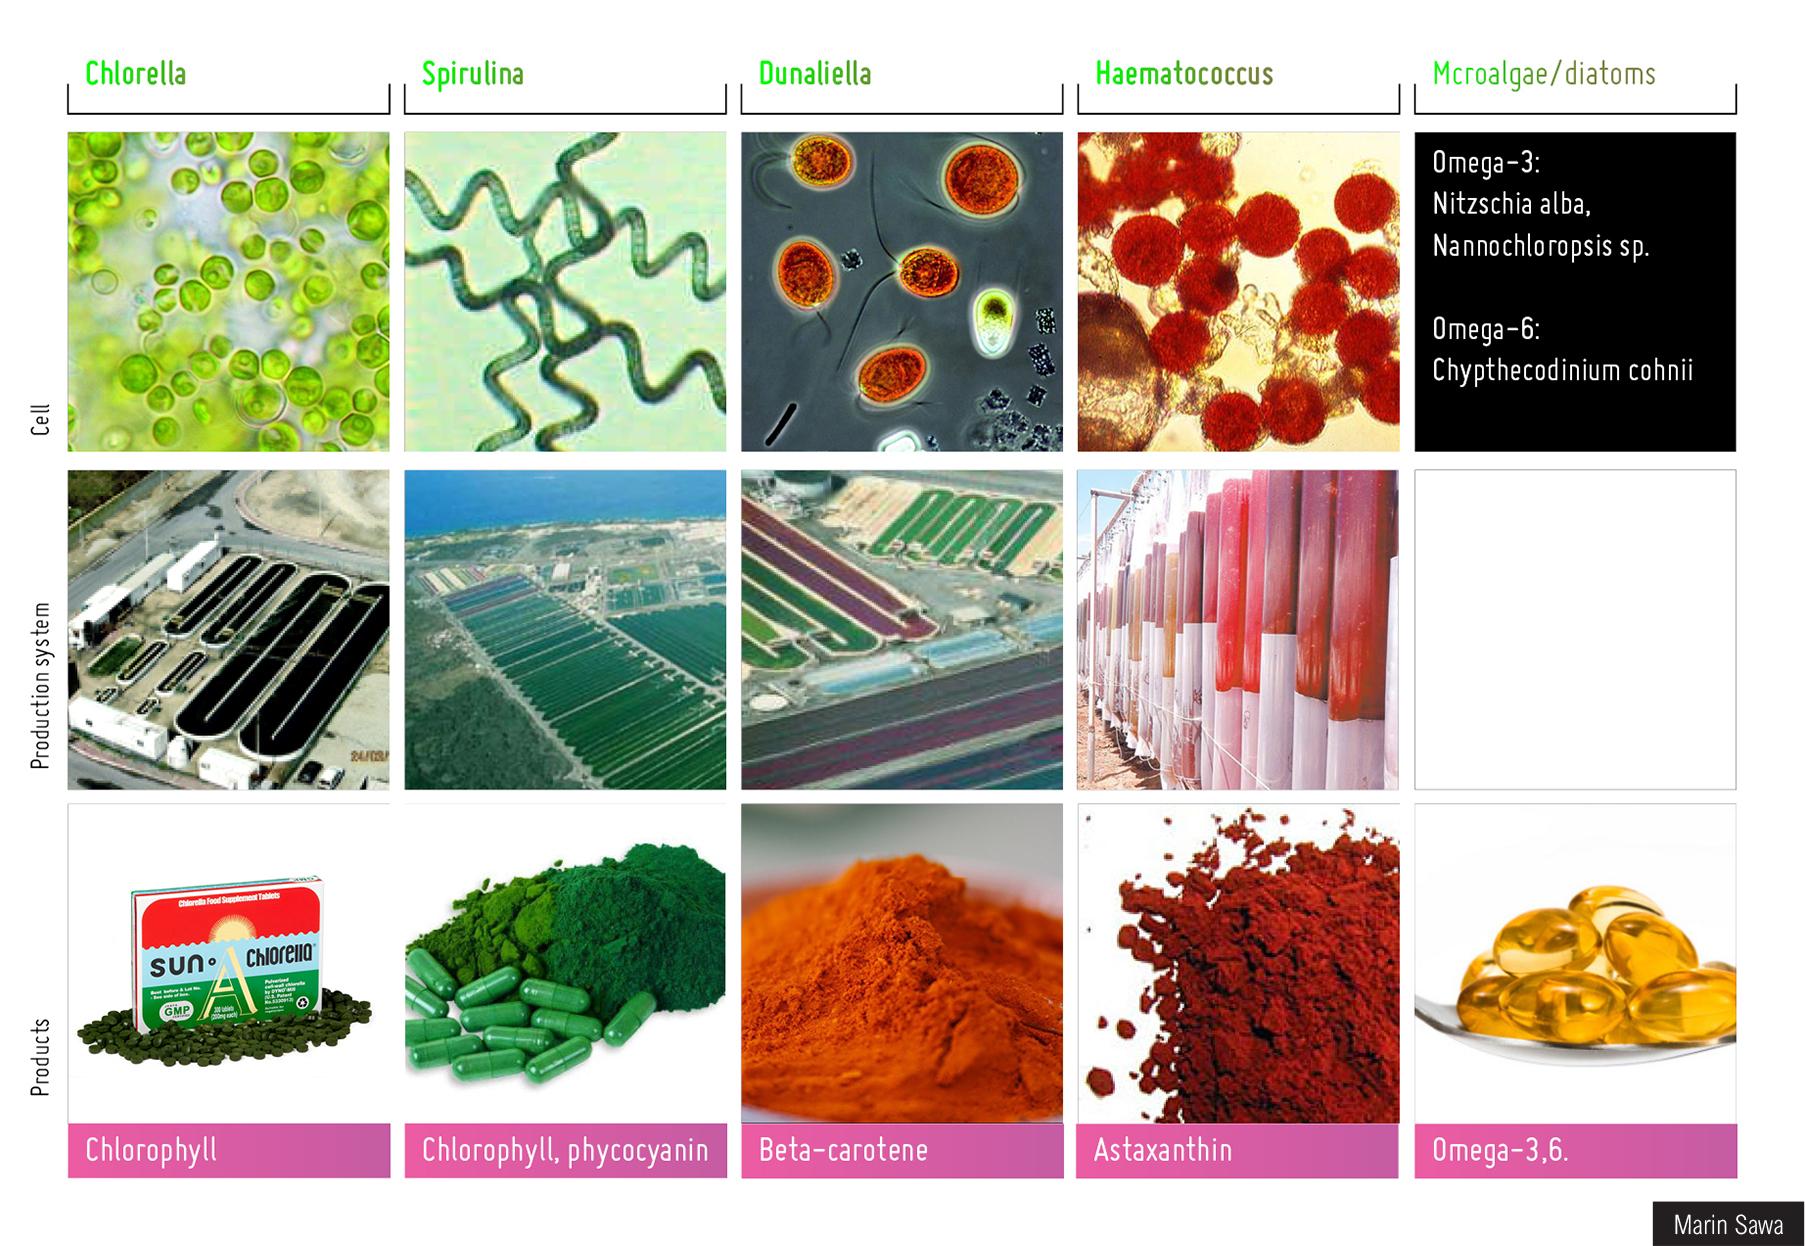 Nutraceuticals from algae